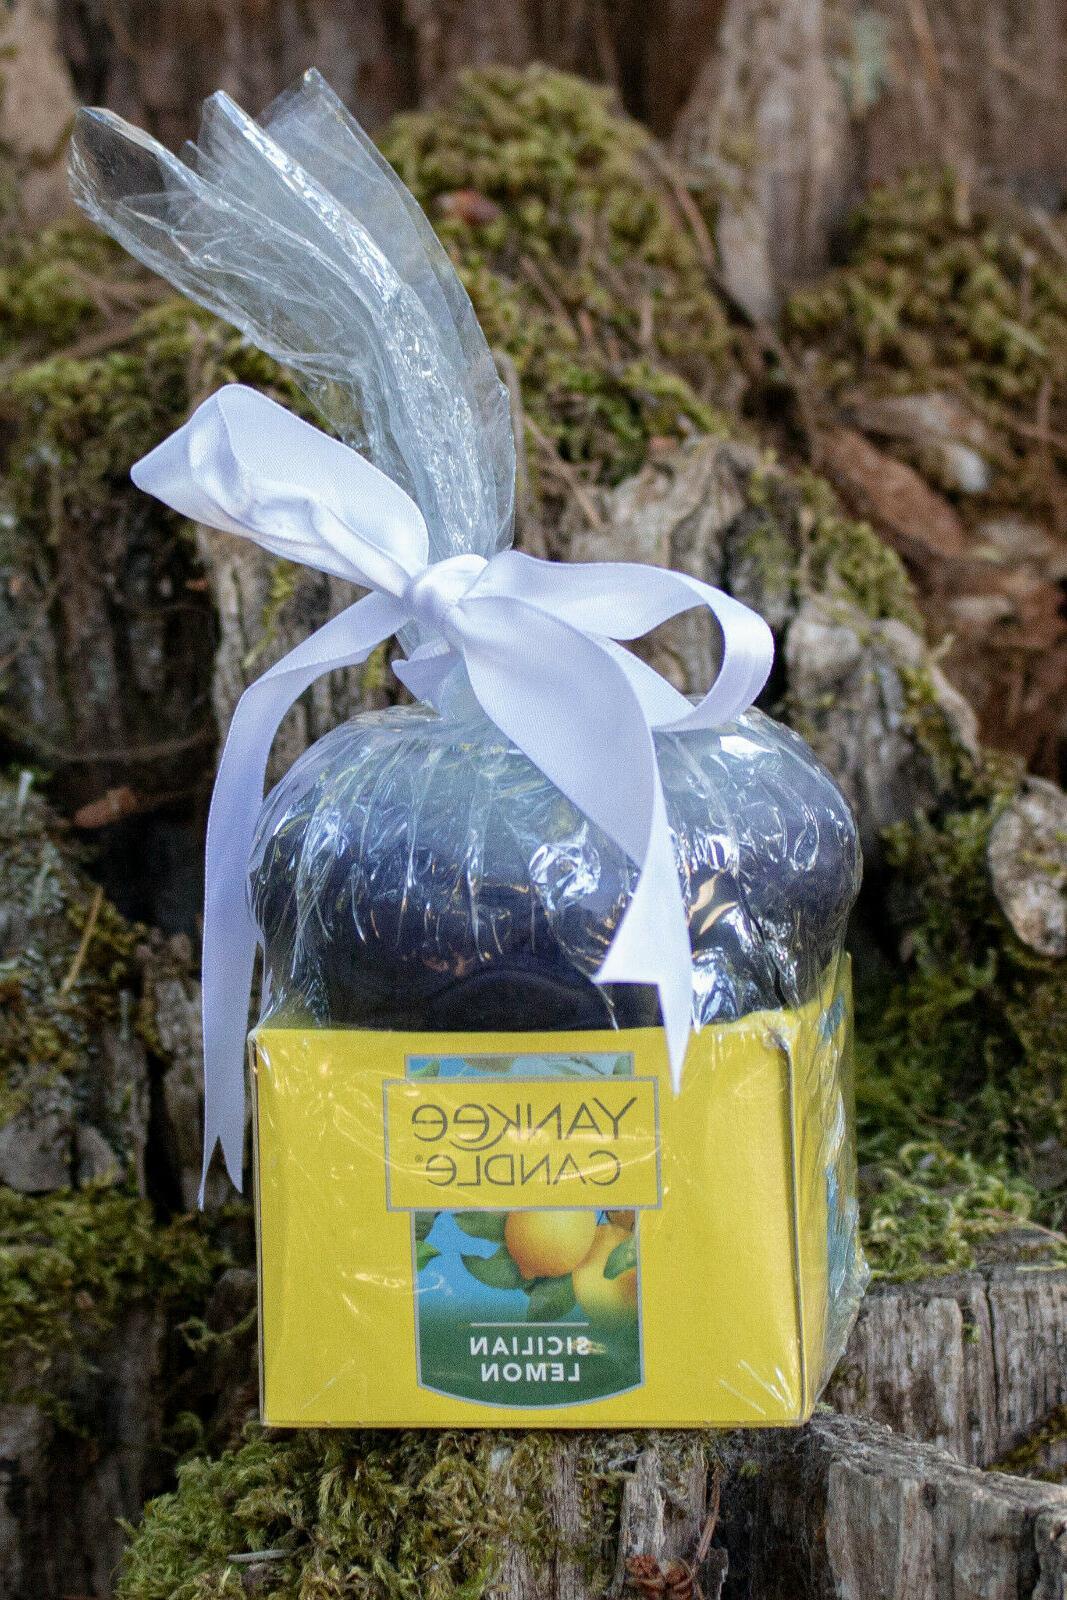 sicilian lemon tea lights 12 pack